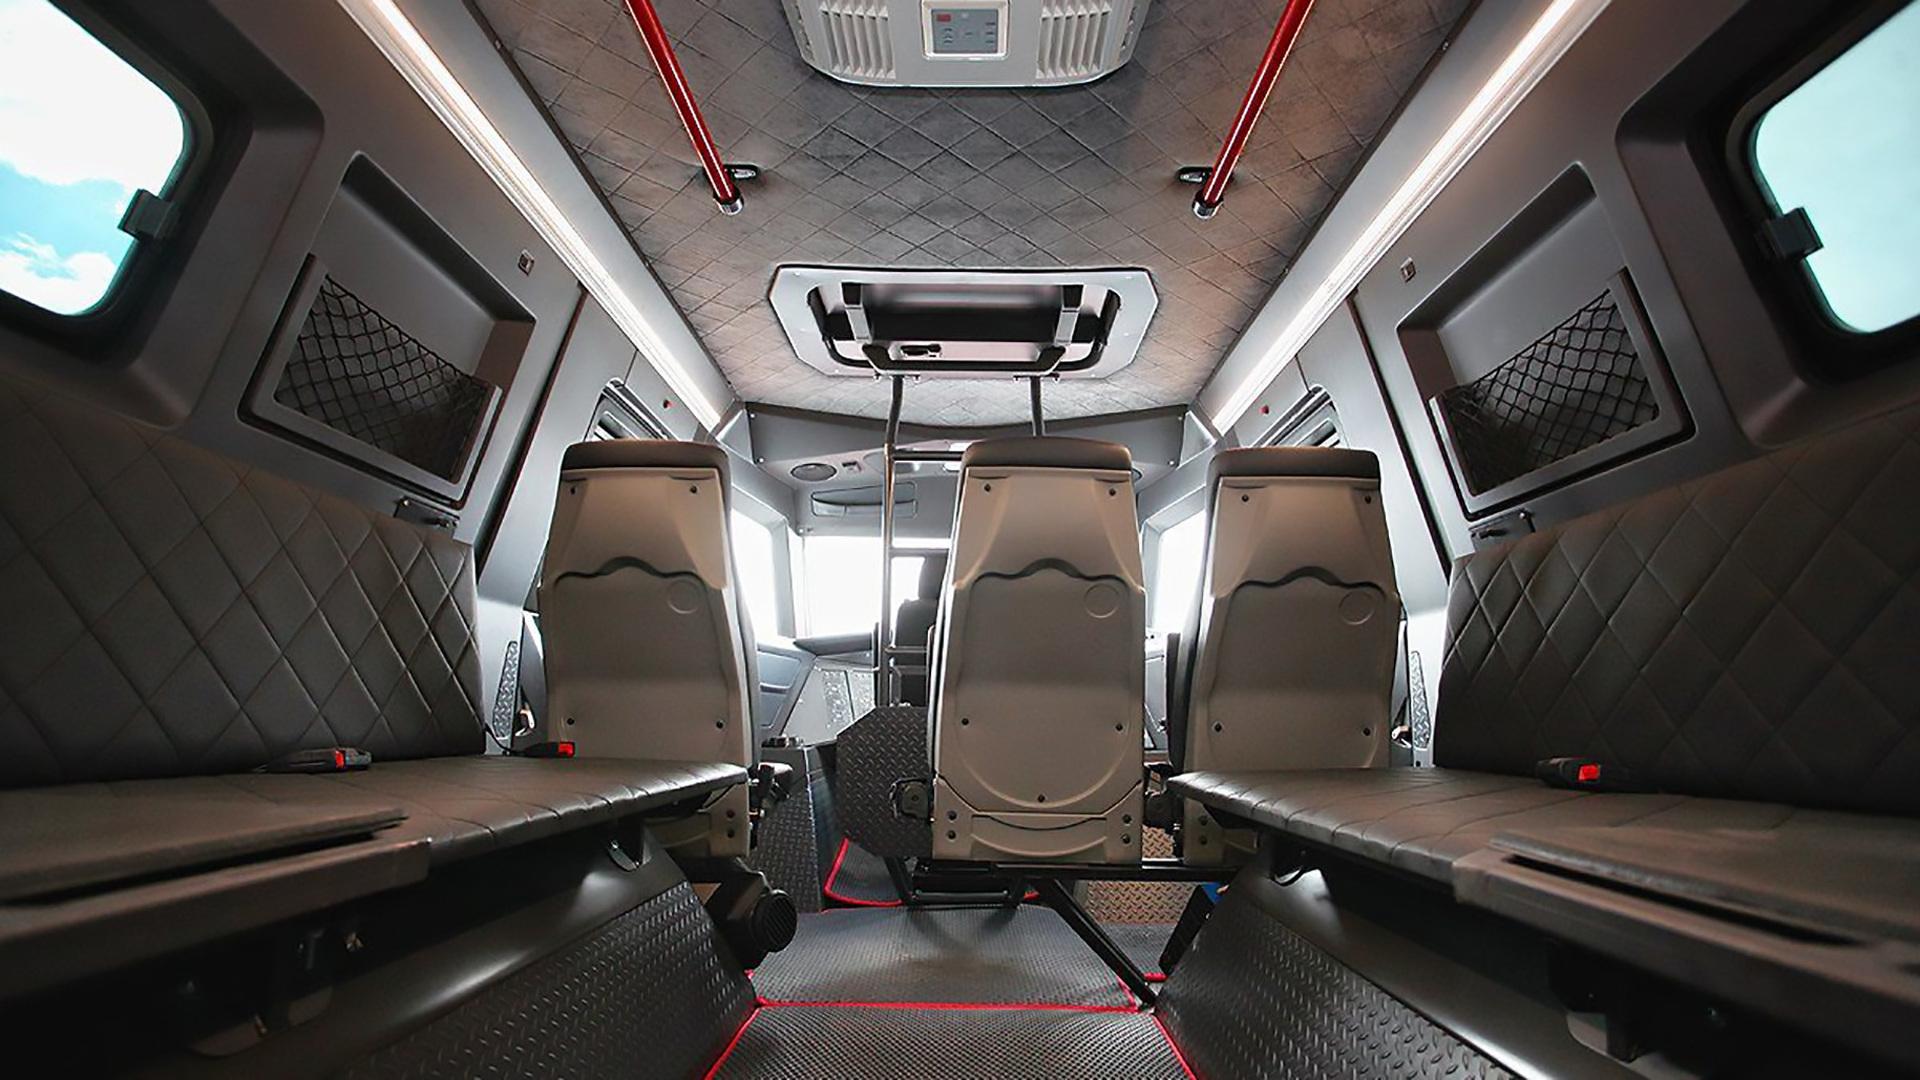 كشفت شركة سيارات فولفو اليوم النقاب عن نسخة محدثة من سيارتها الرياضية متعددة الاستخدامات الكبيرة الأكثر مبيعًا XC90